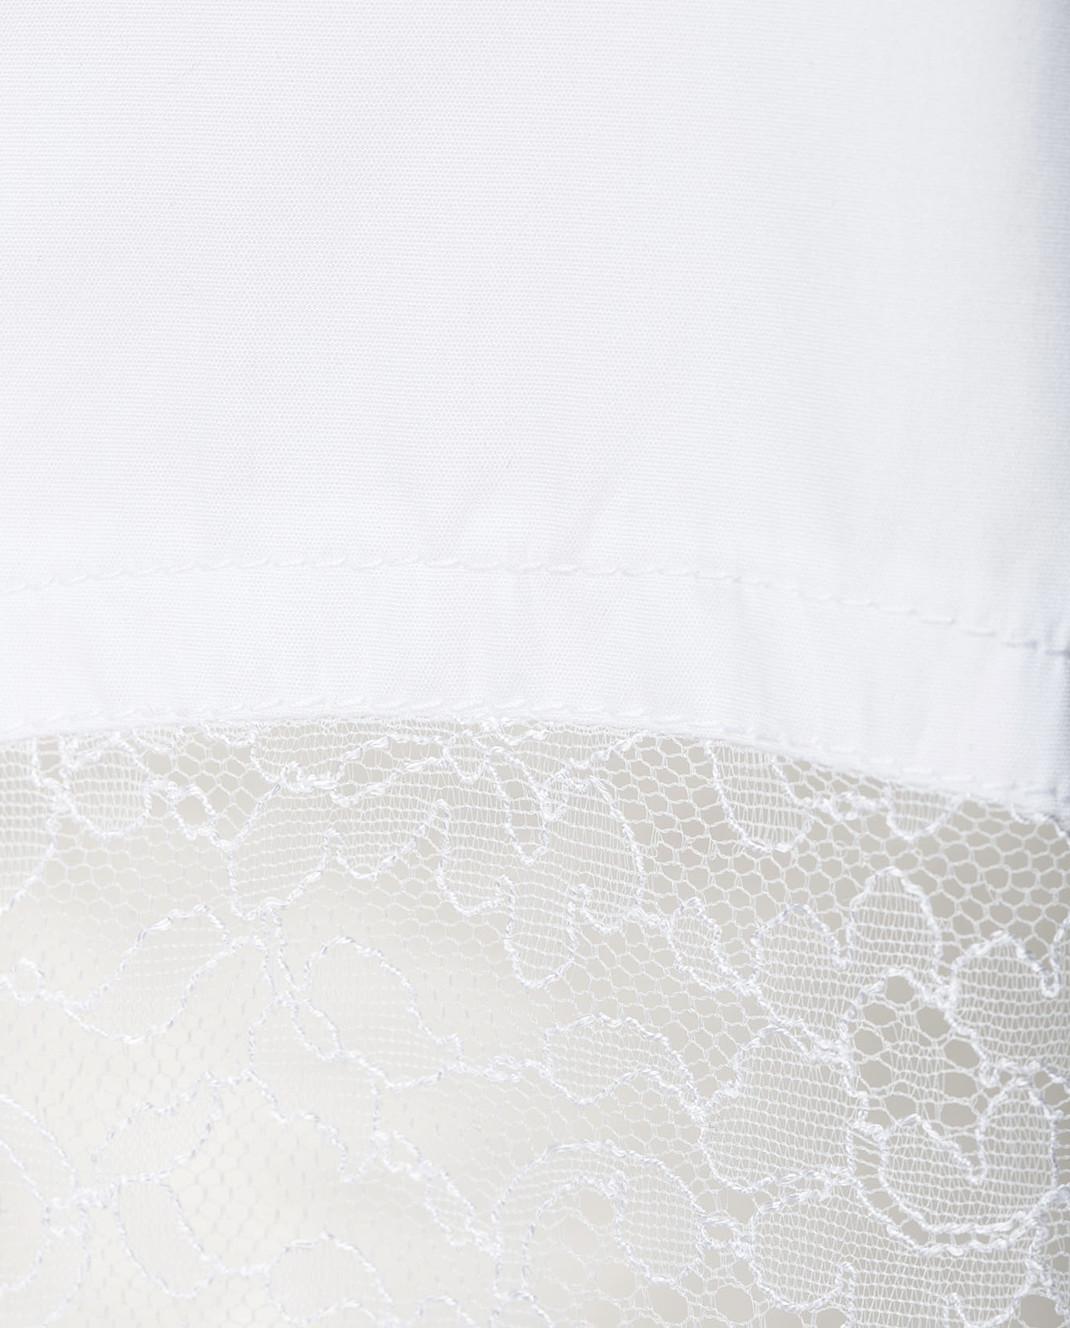 NINA RICCI Белая рубашка с кружевом 17ACT0027C00844 изображение 5